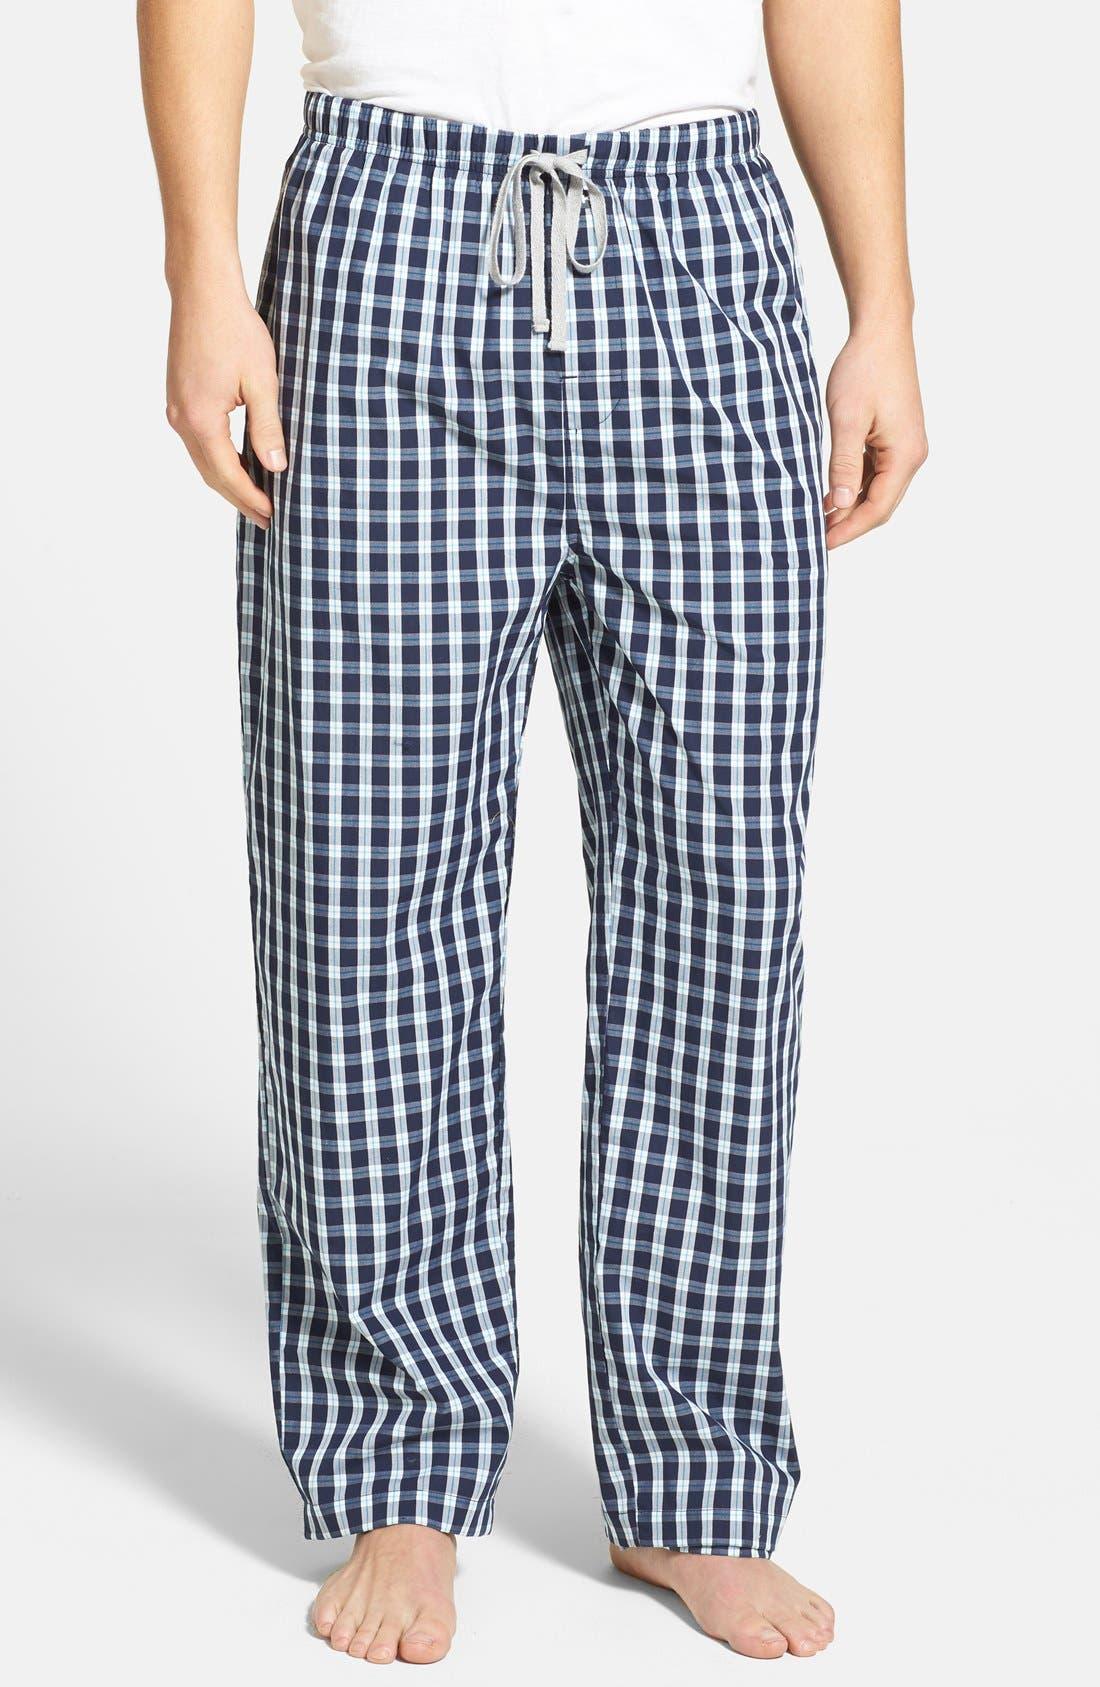 Main Image - Michael Kors Check Lounge Pants